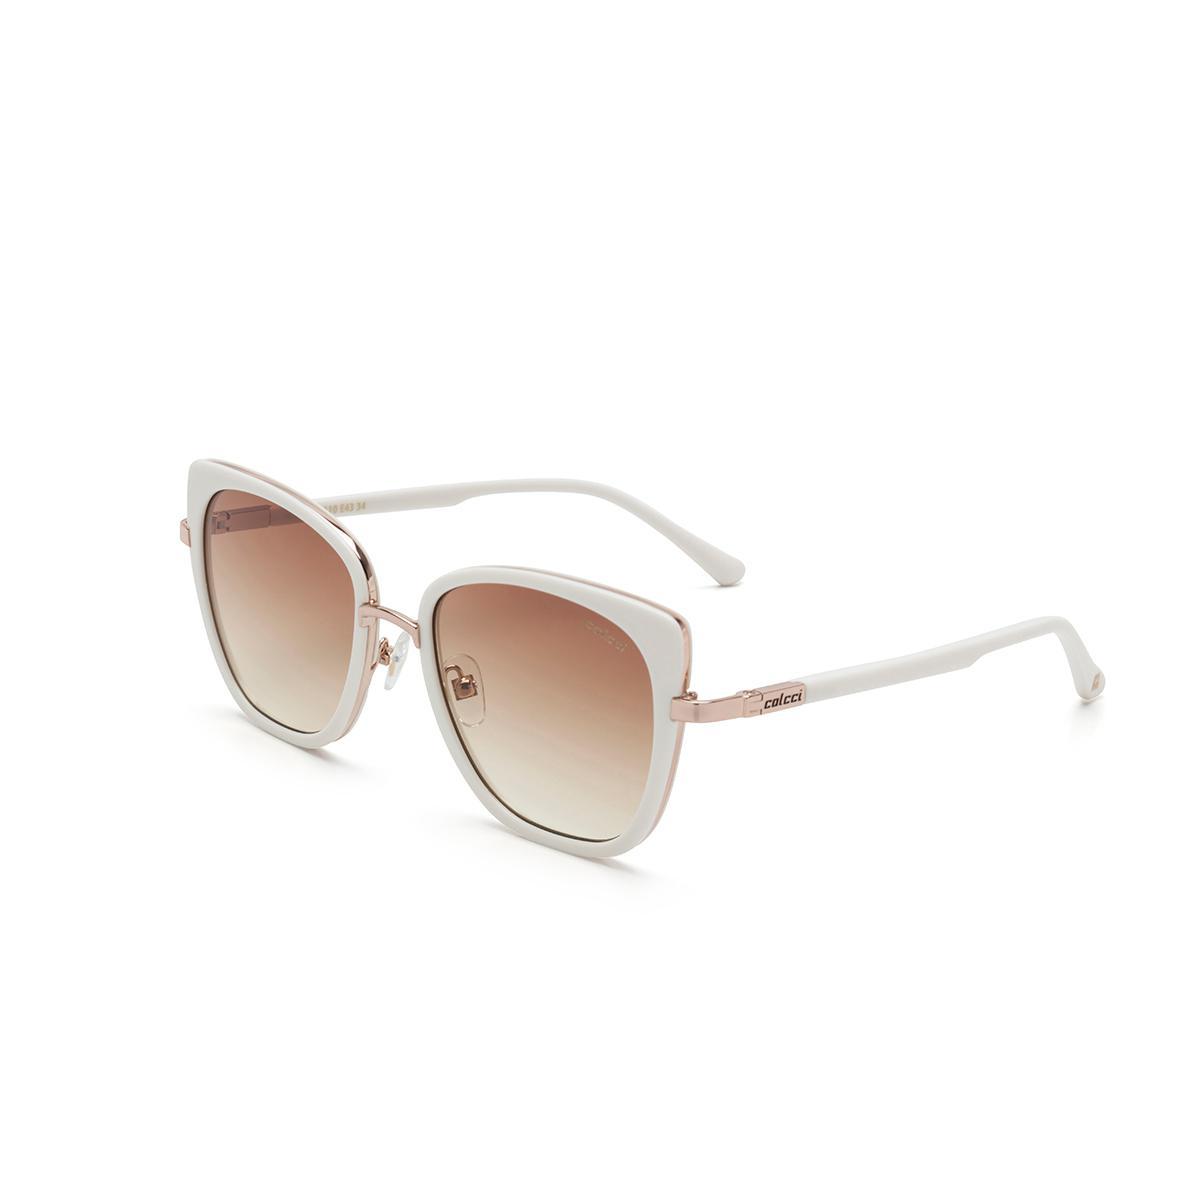 a03f6f3aa Óculos de Sol Colcci C0129 E43 34 Nude Lente Marrom Degradê Tam 52,7 R$  399,00 à vista. Adicionar à sacola